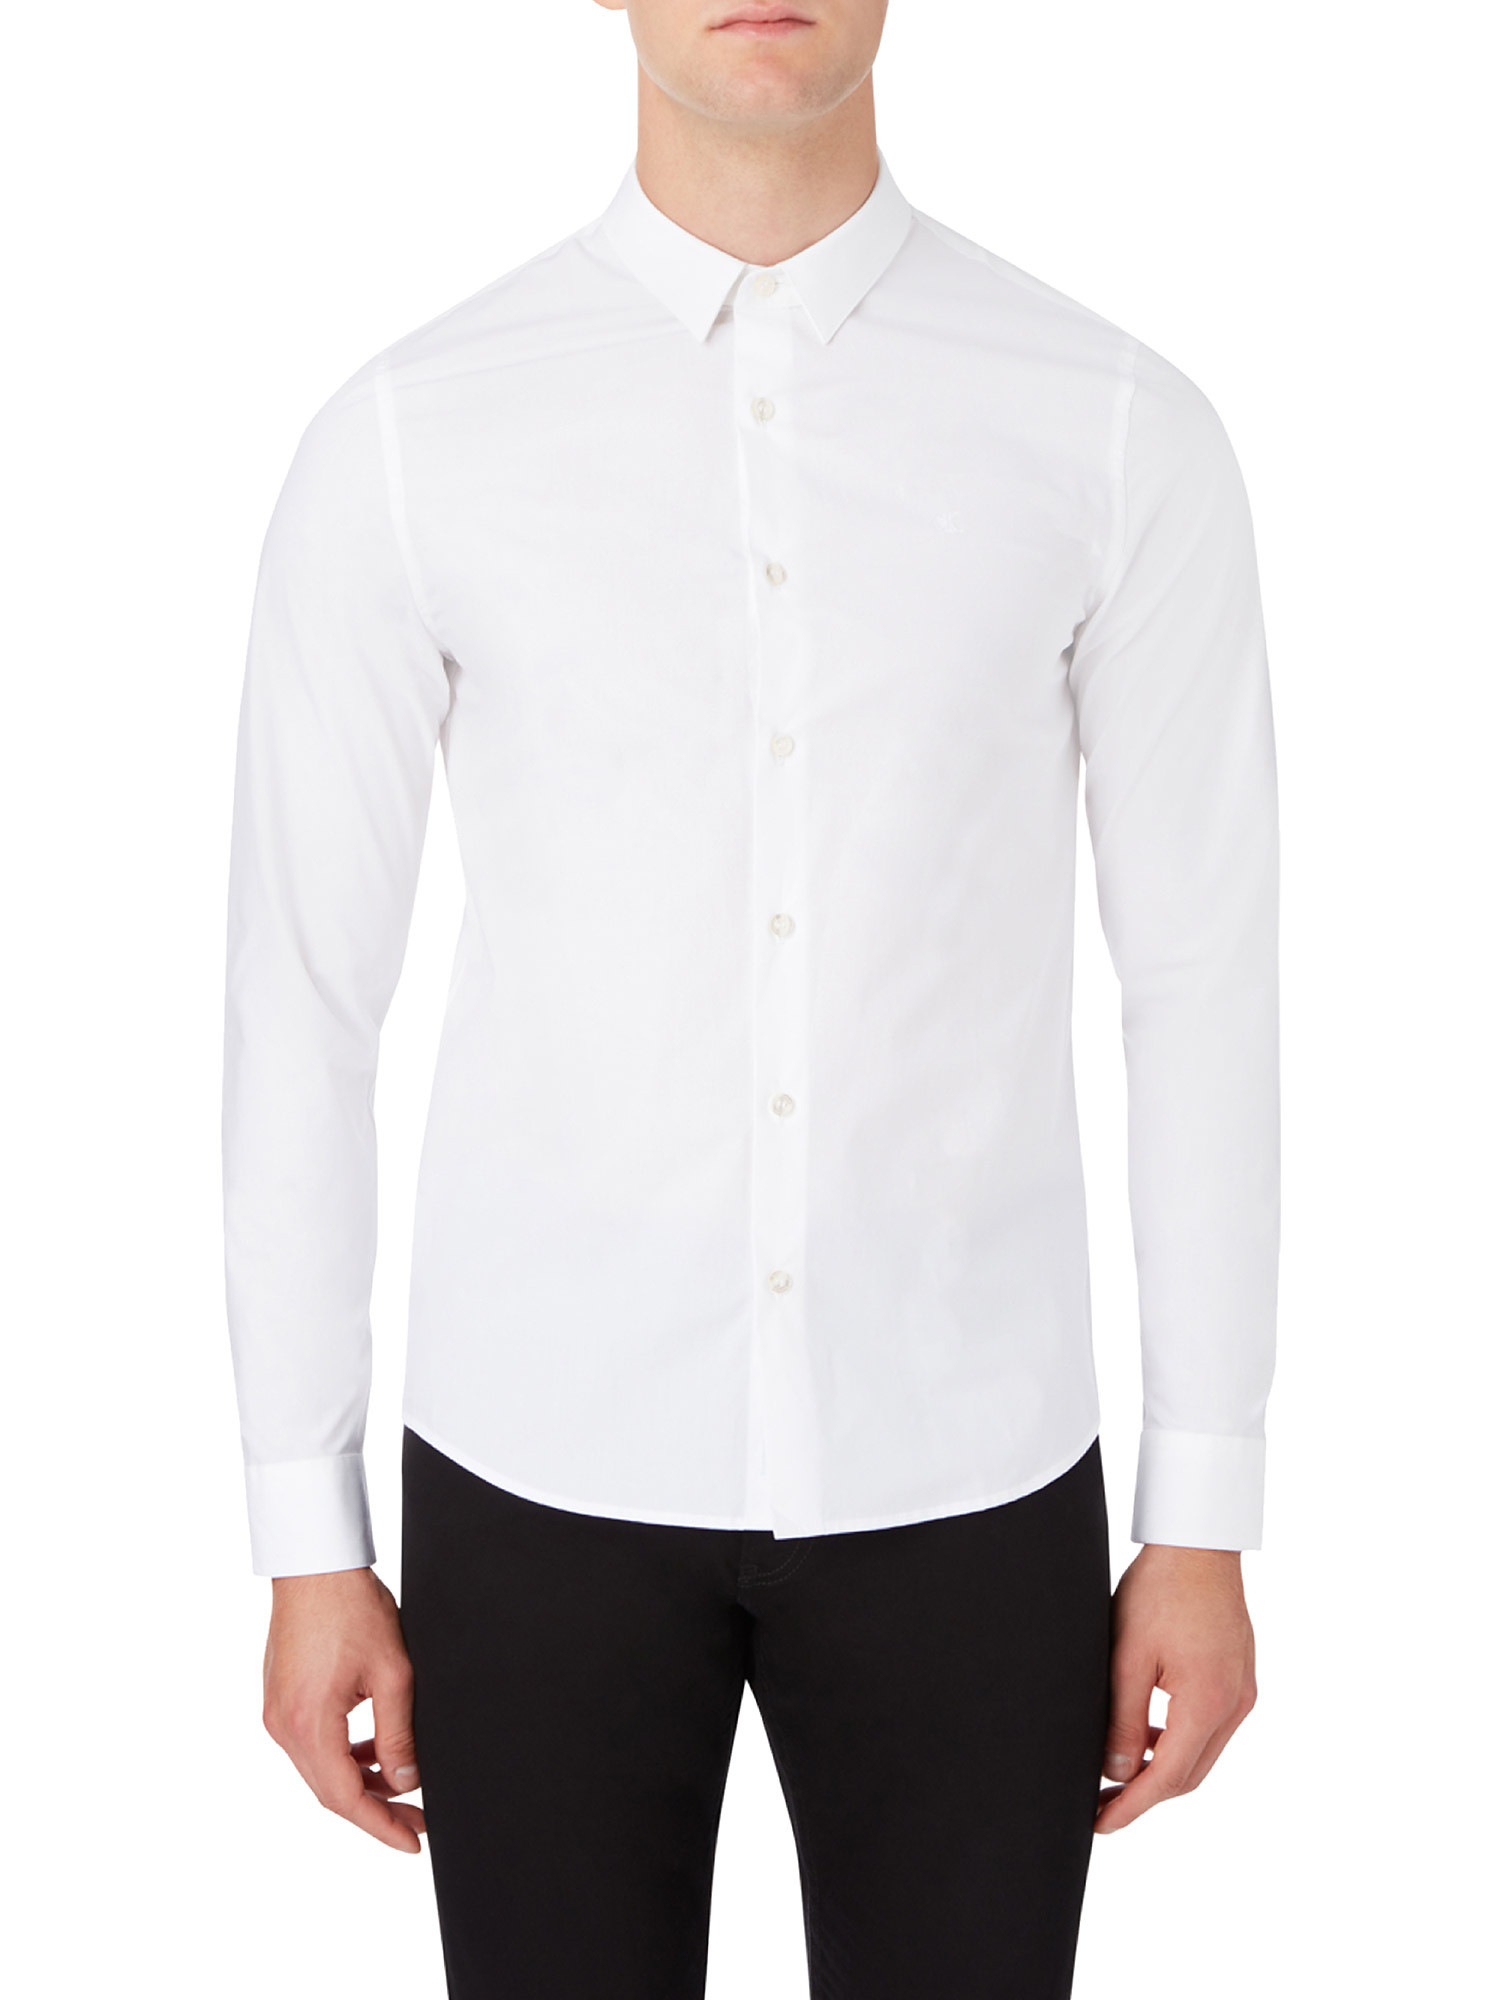 Camicia in cotone elasticizzato, Bianco, large image number 3